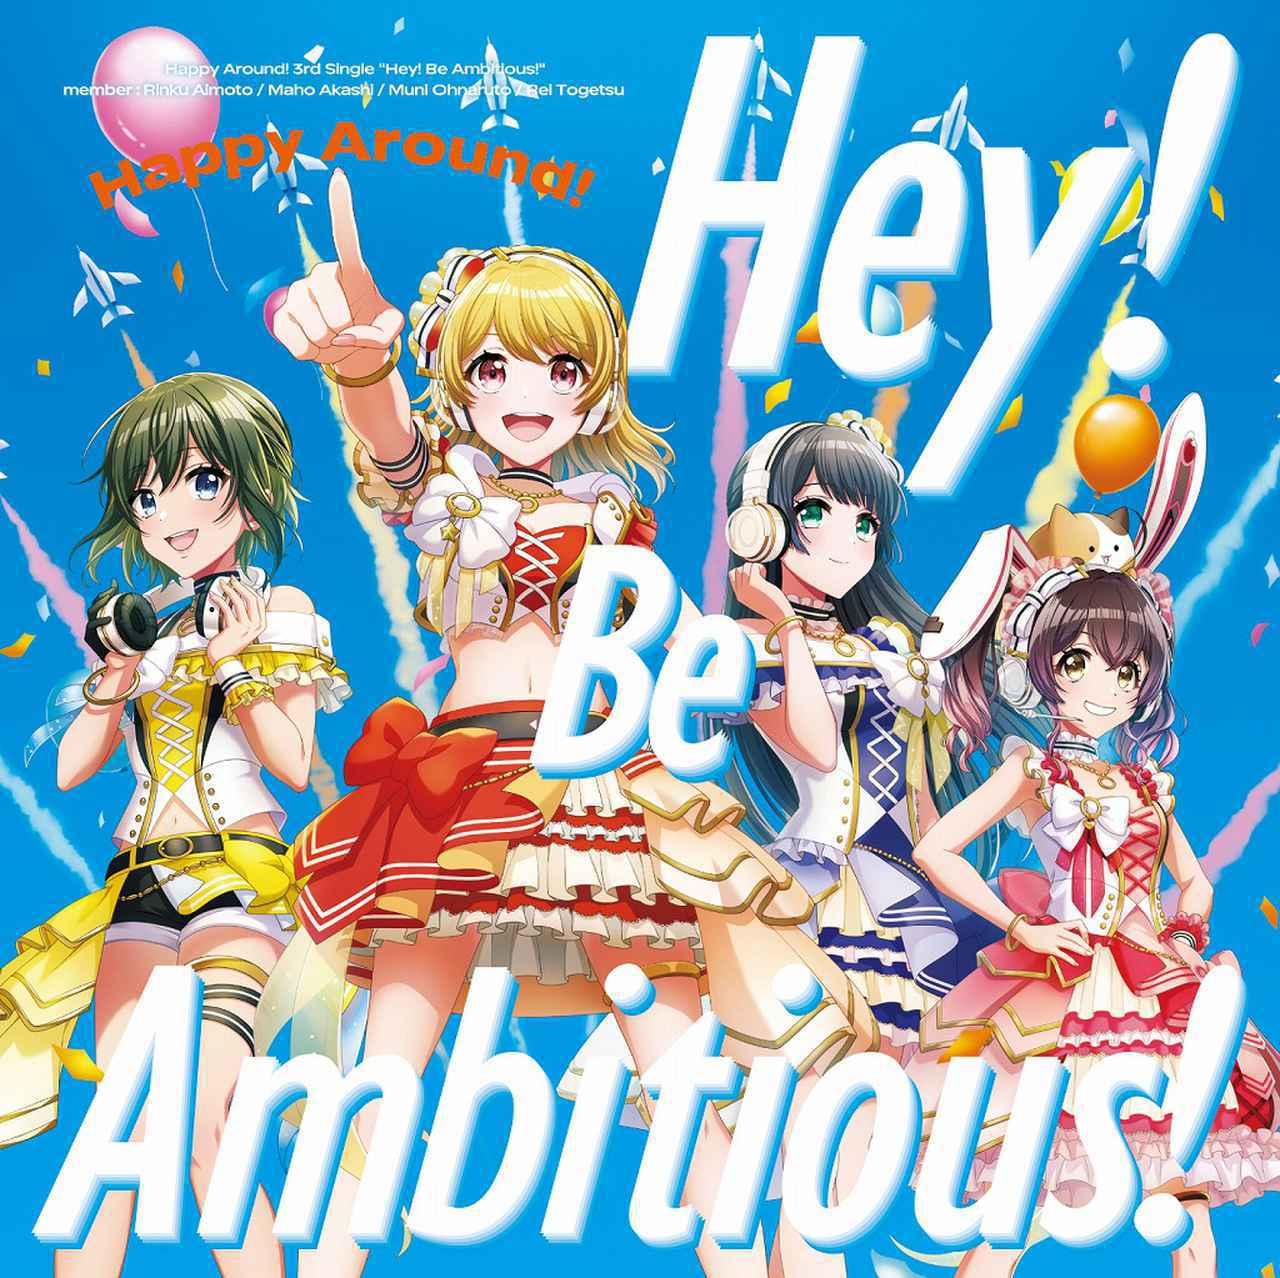 画像: Hey! Be Ambitious! / Happy Around!